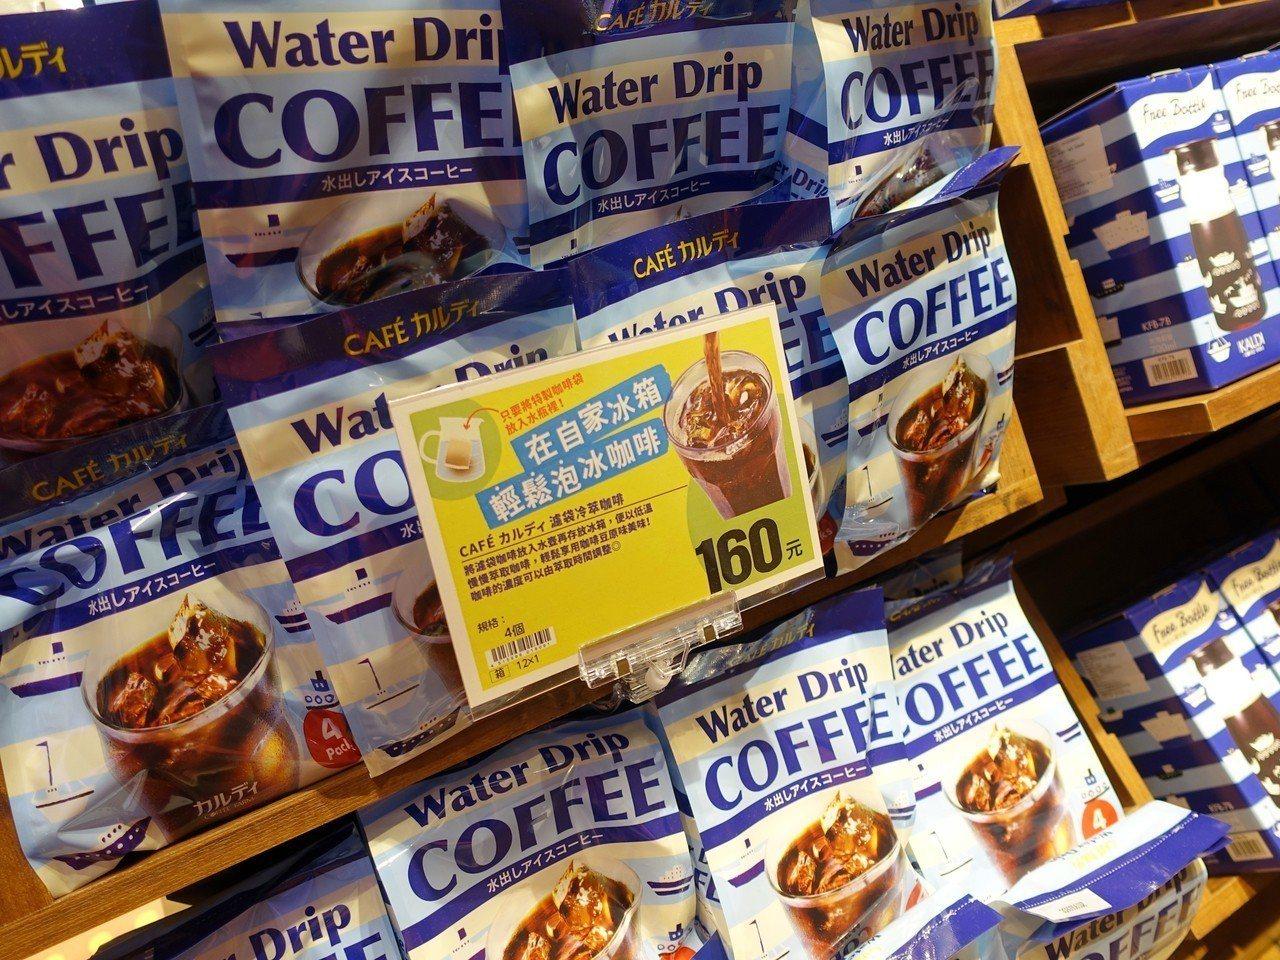 濾袋冷萃咖啡,售價160元。記者張芳瑜/攝影